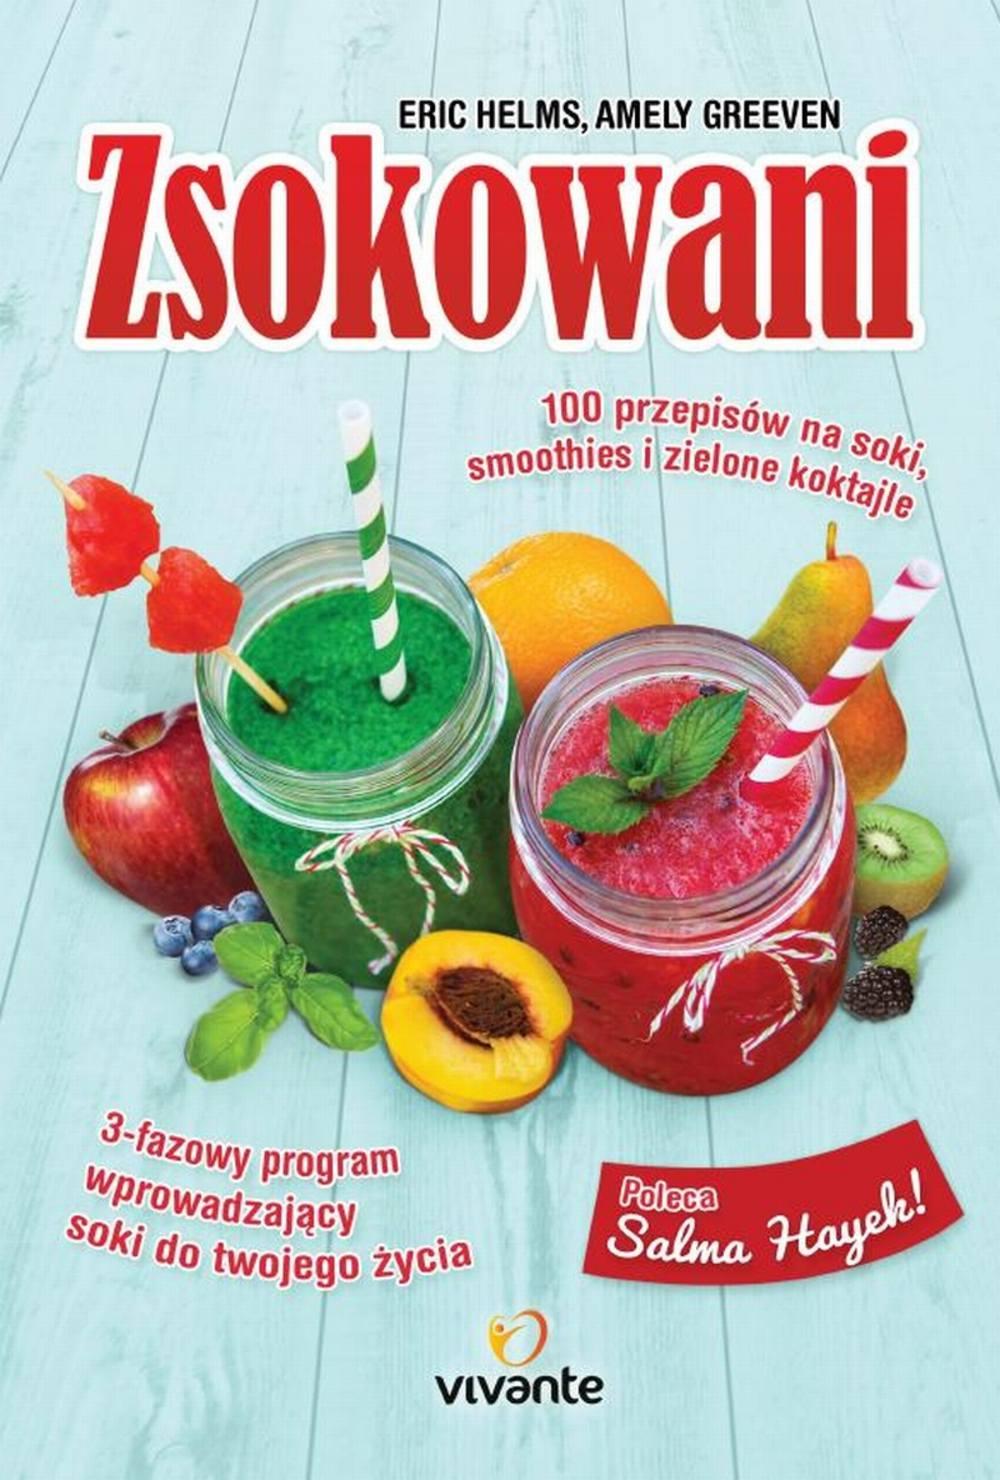 Zsokowani. 100 przepisów na soki, smoothies i zielone koktajle - Ebook (Książka EPUB) do pobrania w formacie EPUB